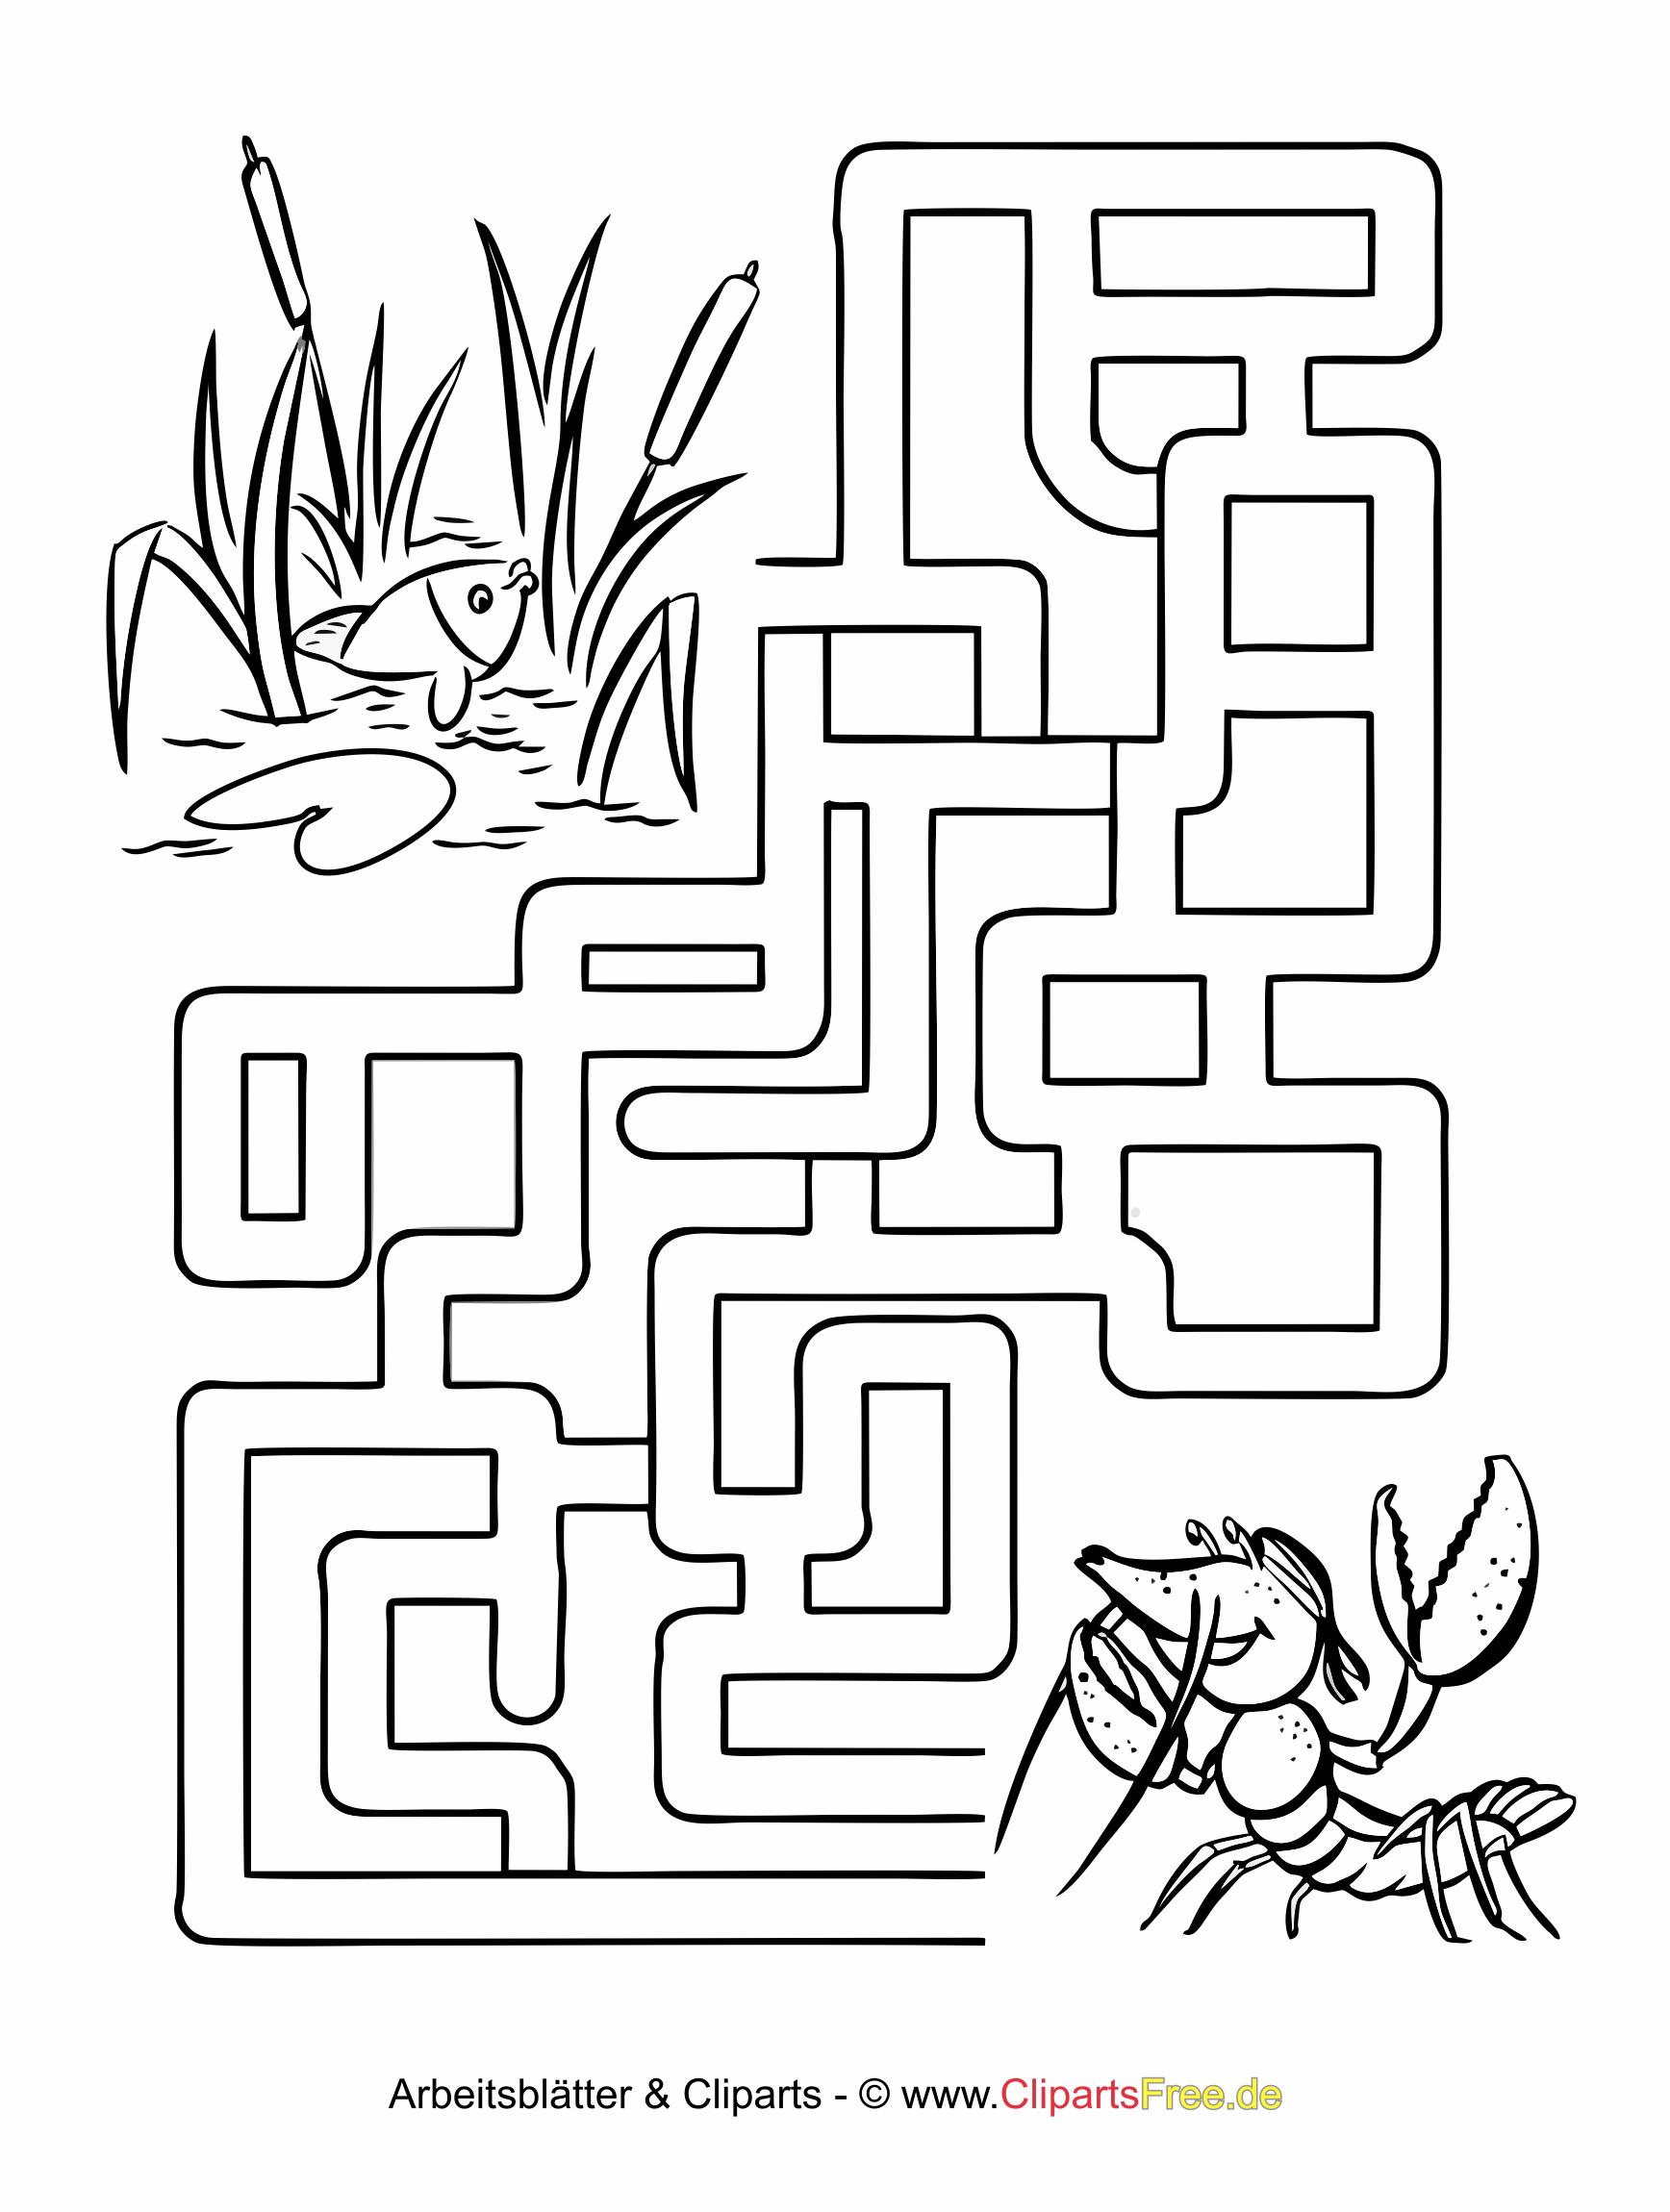 Schön Gefrorene Labyrinth Malvorlagen Zeitgenössisch - Malvorlagen ...